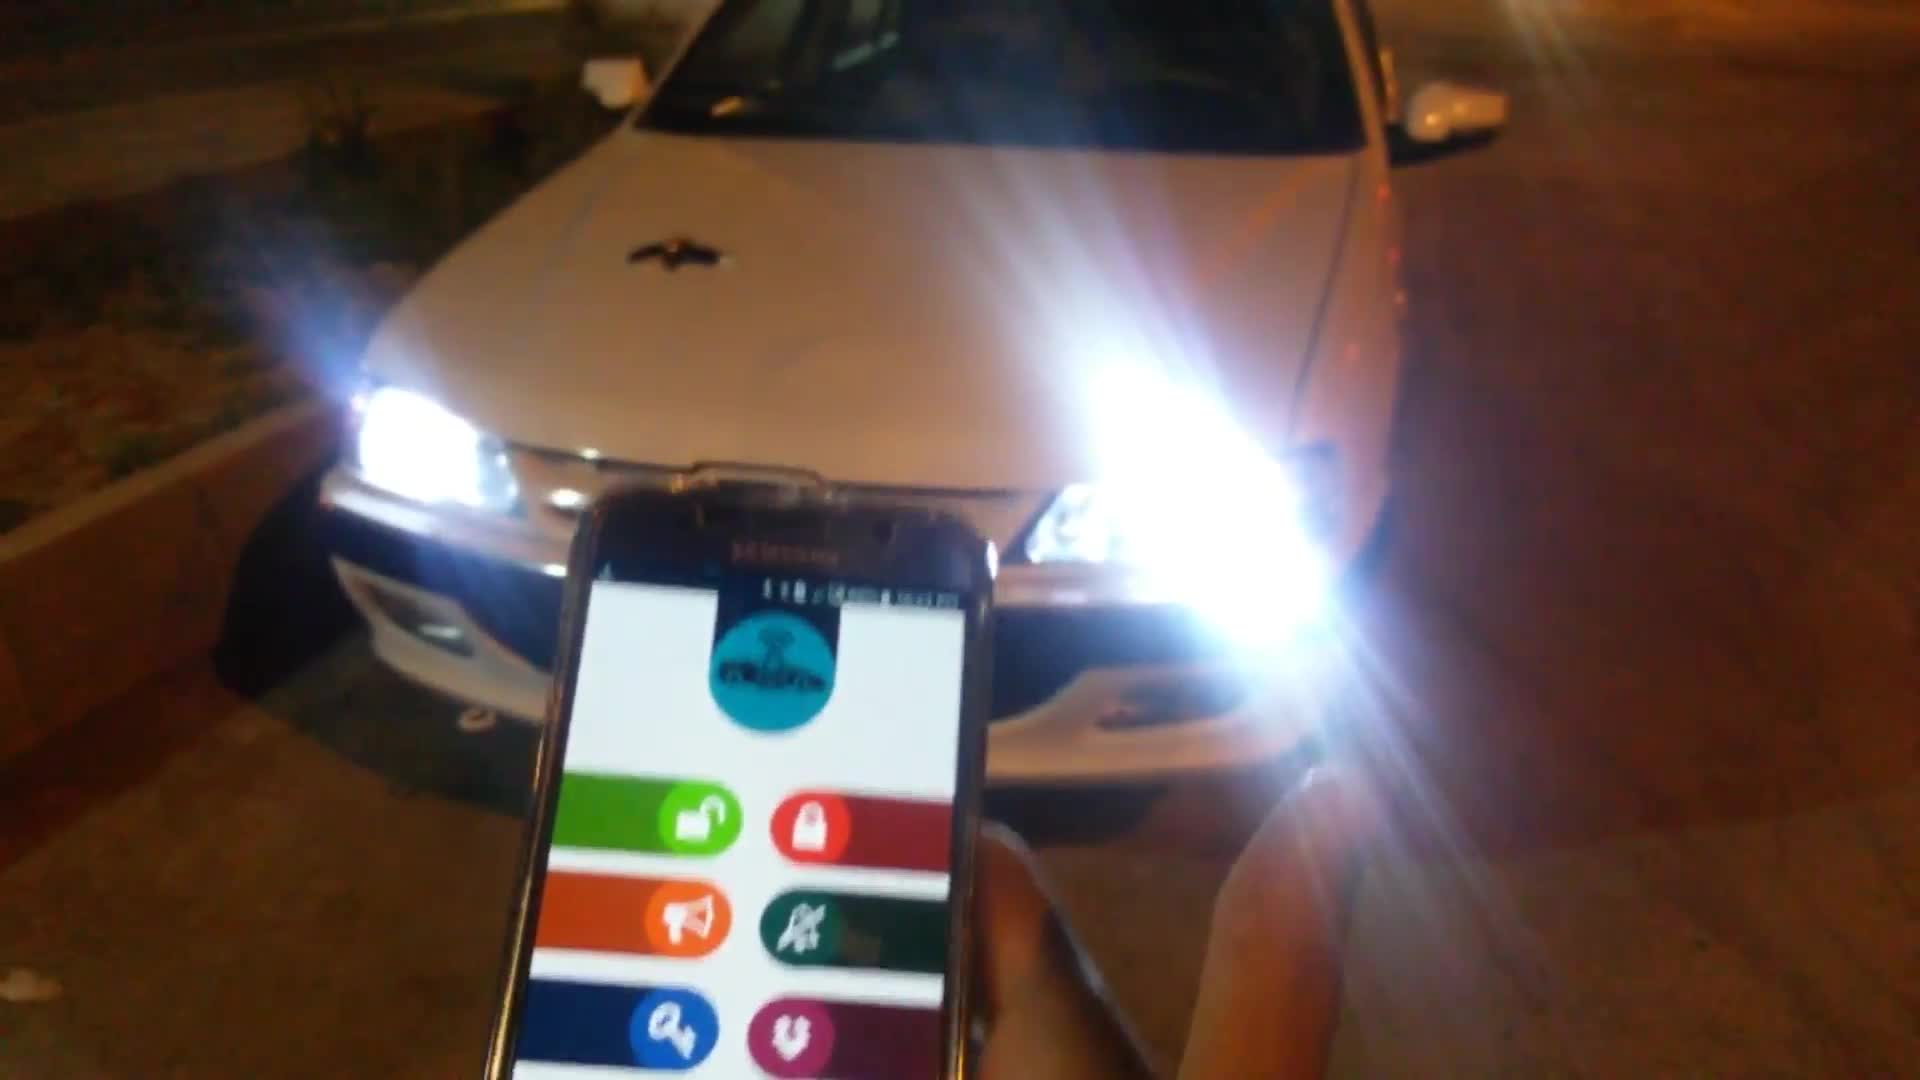 ساخت دزدگیر ماشین با NodeMCU (آردینو) و کنترل خودرو با تلفن همراه